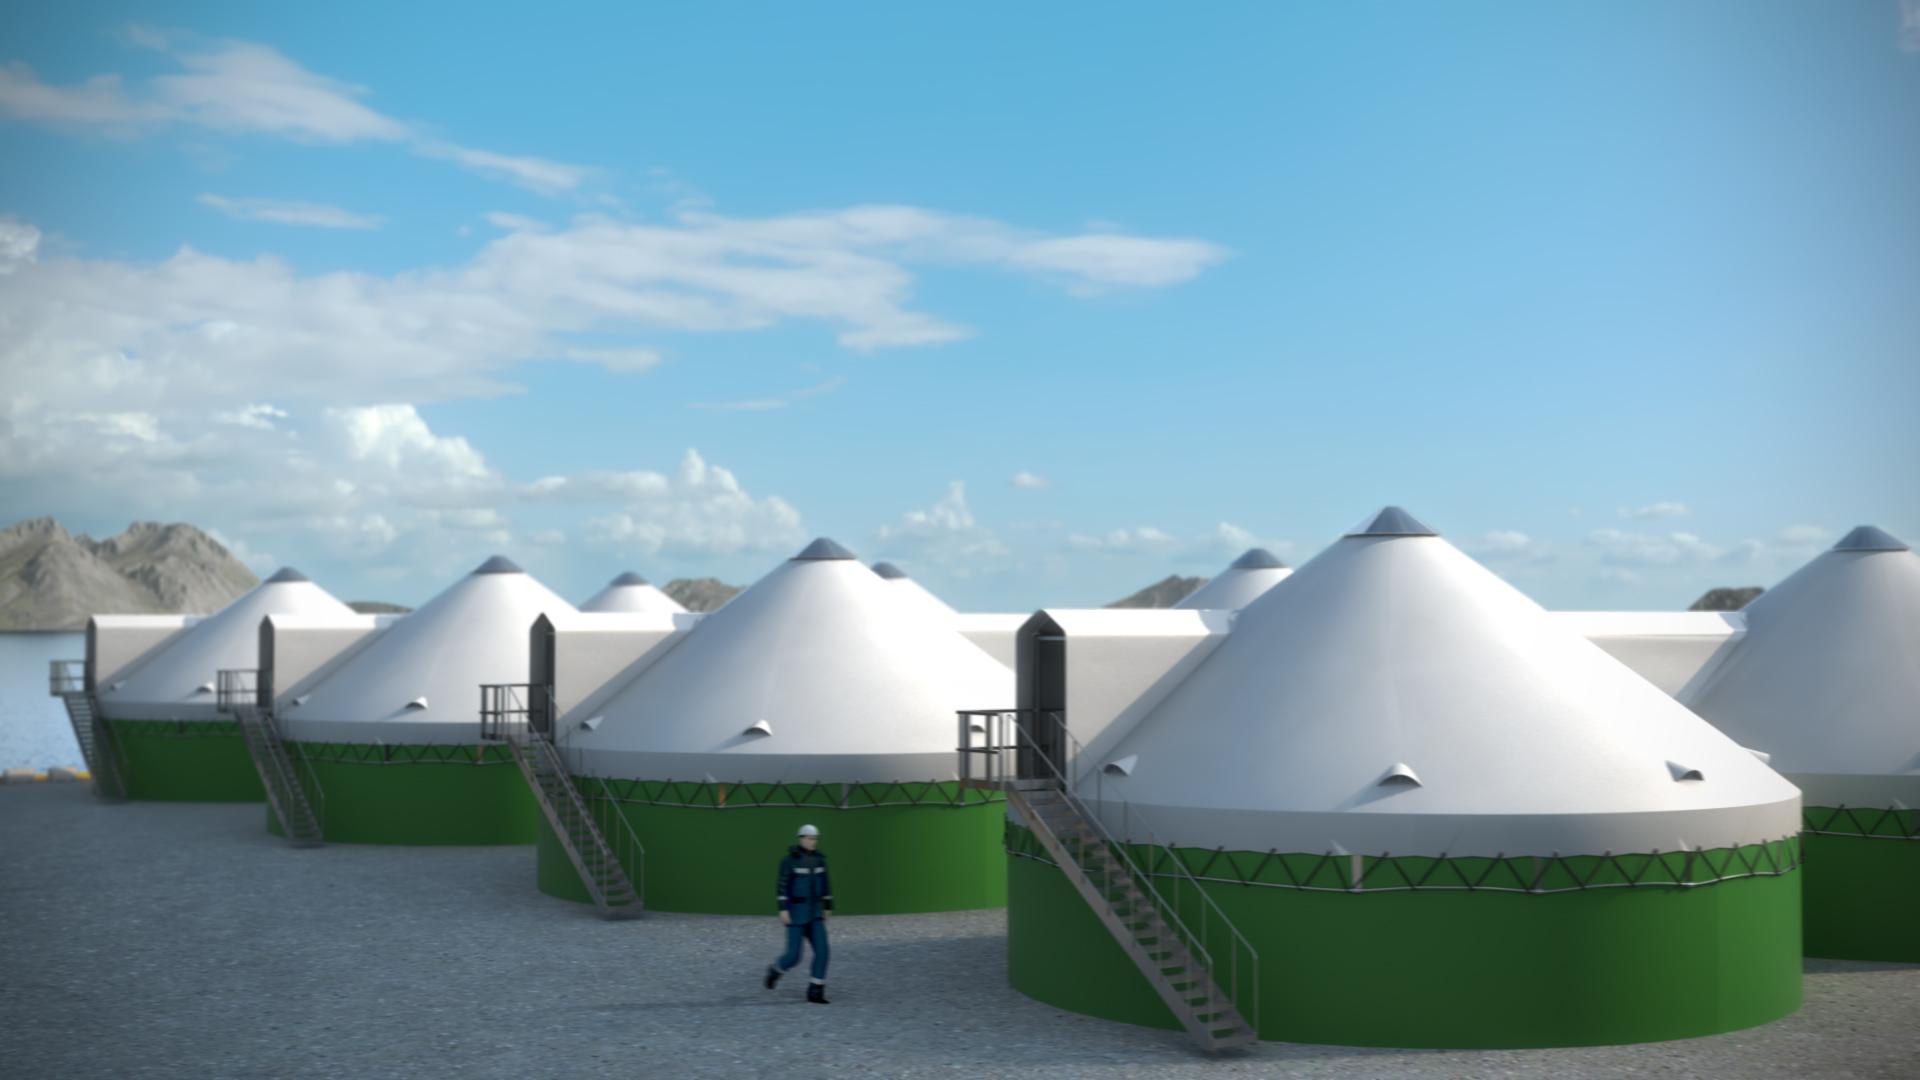 Med renseanlegget fra Blue Ocean Technology kan dagens landbaserte oppdrett øke biomassen i anlegget uten å overskride utslippsrensene i konsesjonen. Illustrasjon: Blue Ocean Technology/ Nagelld.no